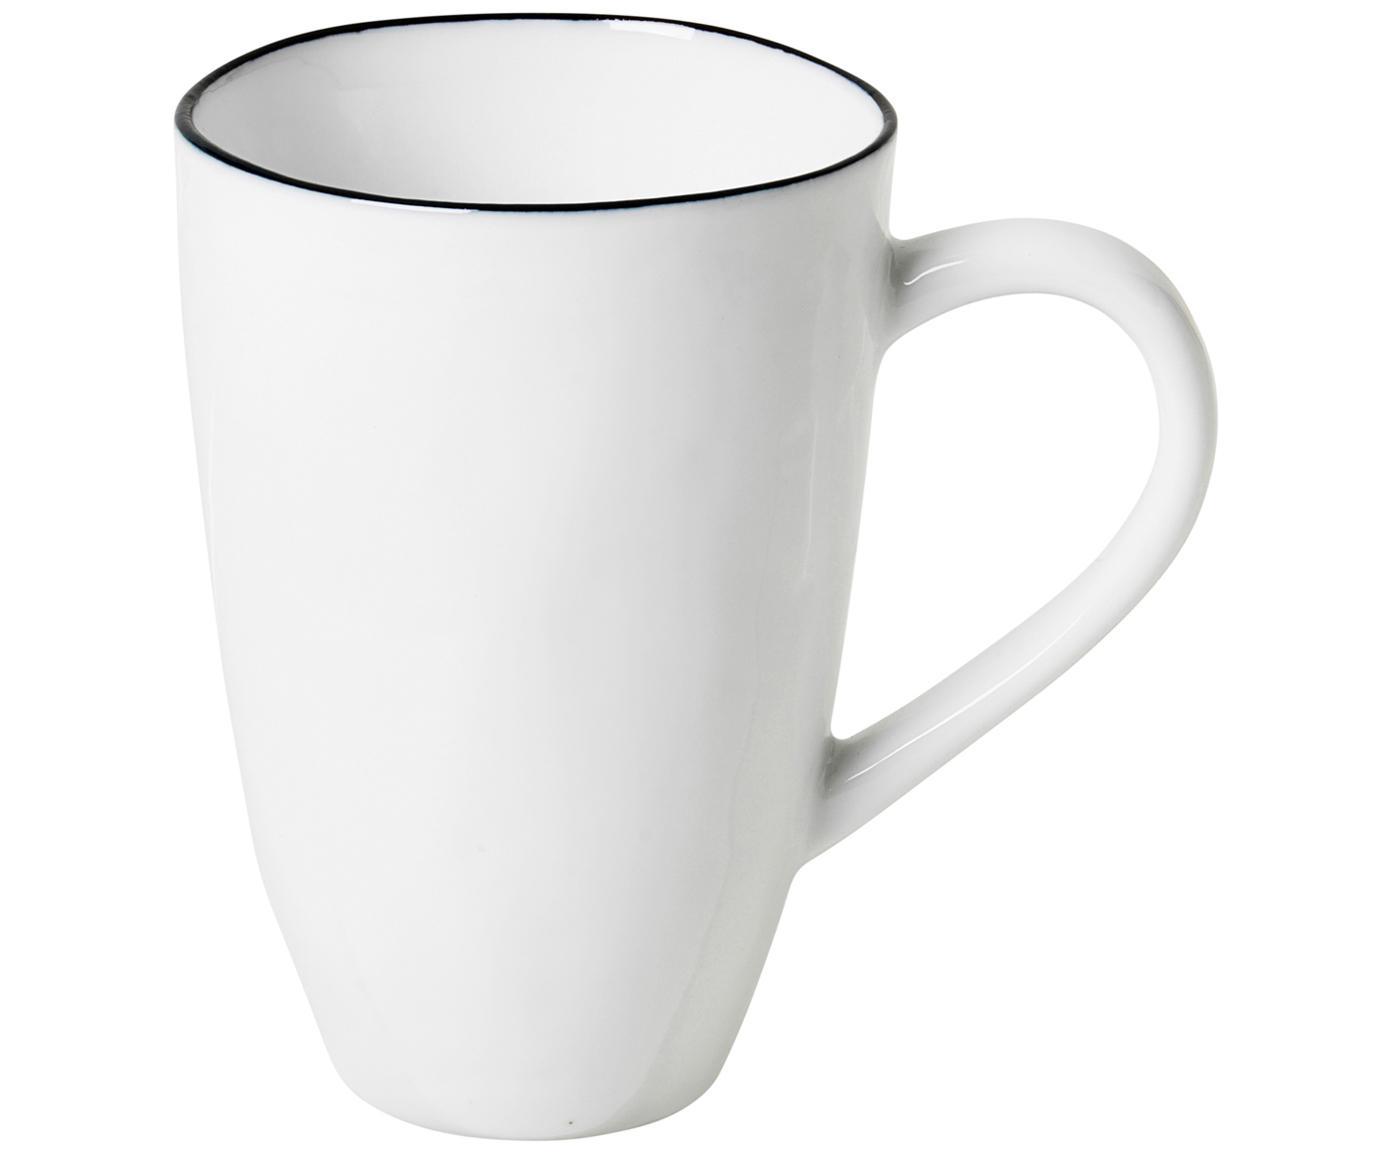 Handgemachte Tassen Salt, 6 Stück, Porzellan, Gebrochenes Weiss, Schwarz, Ø 8 x H 12 cm